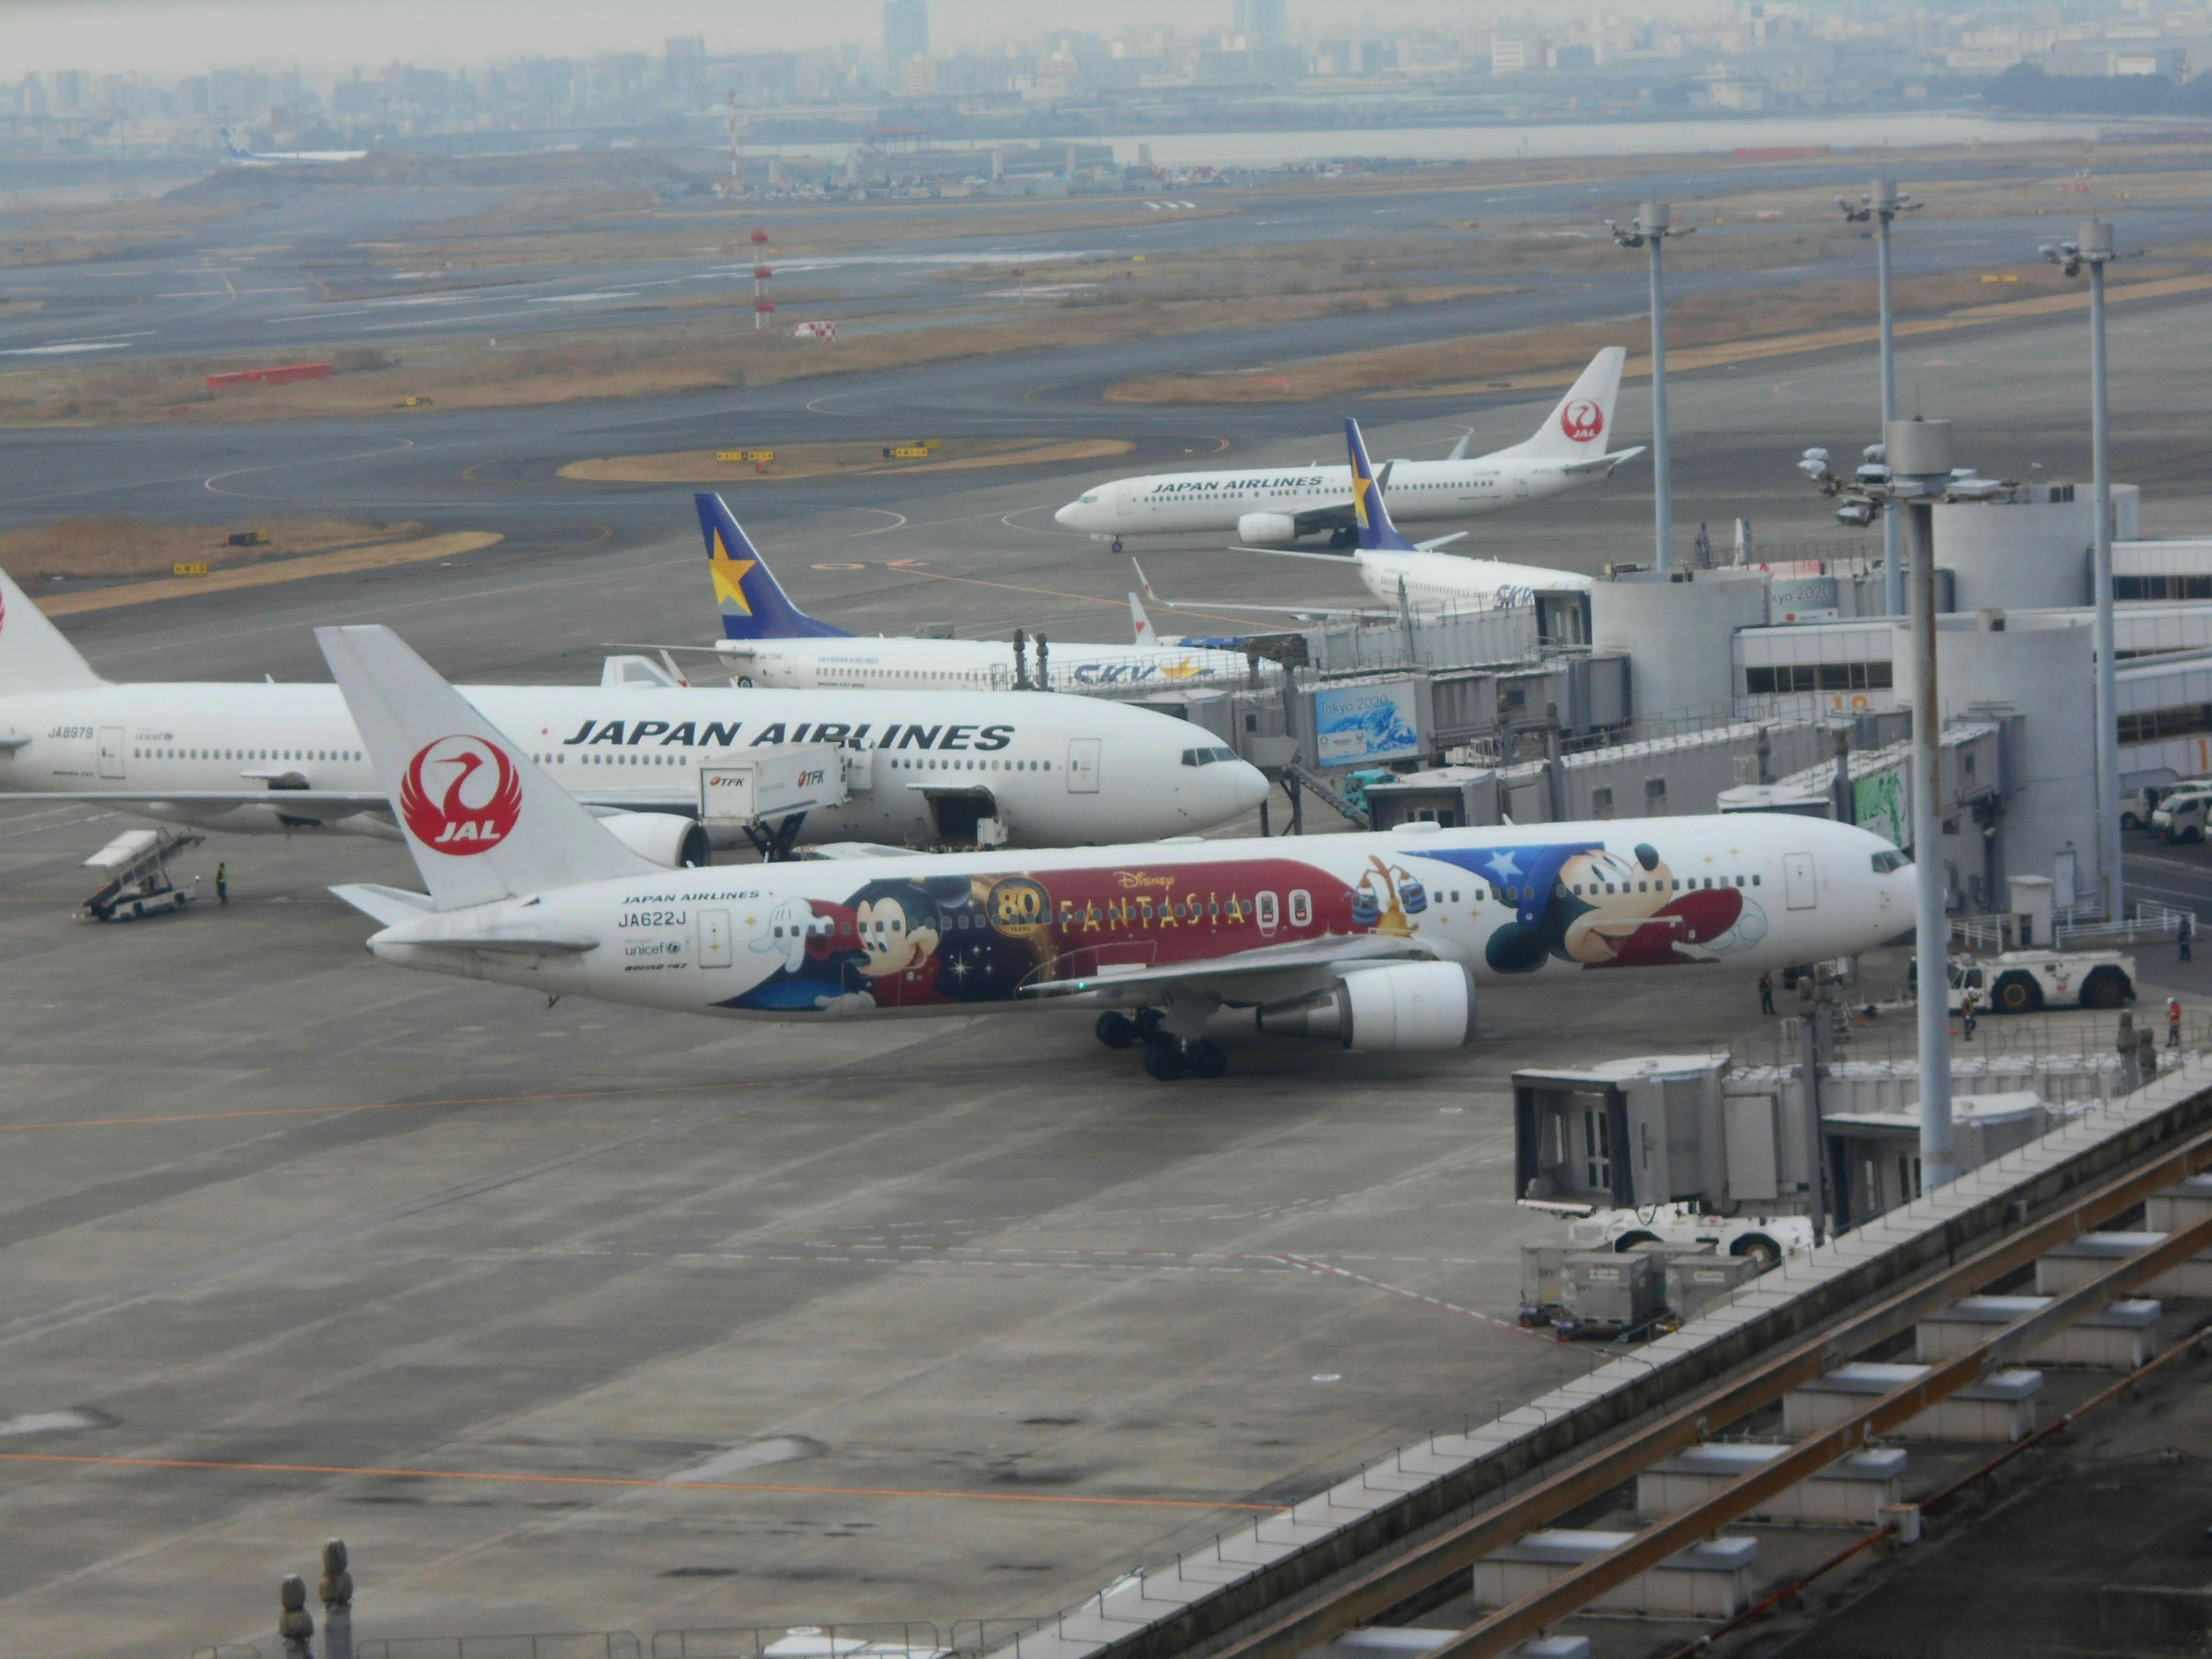 f:id:A350-900:20210110080530j:image